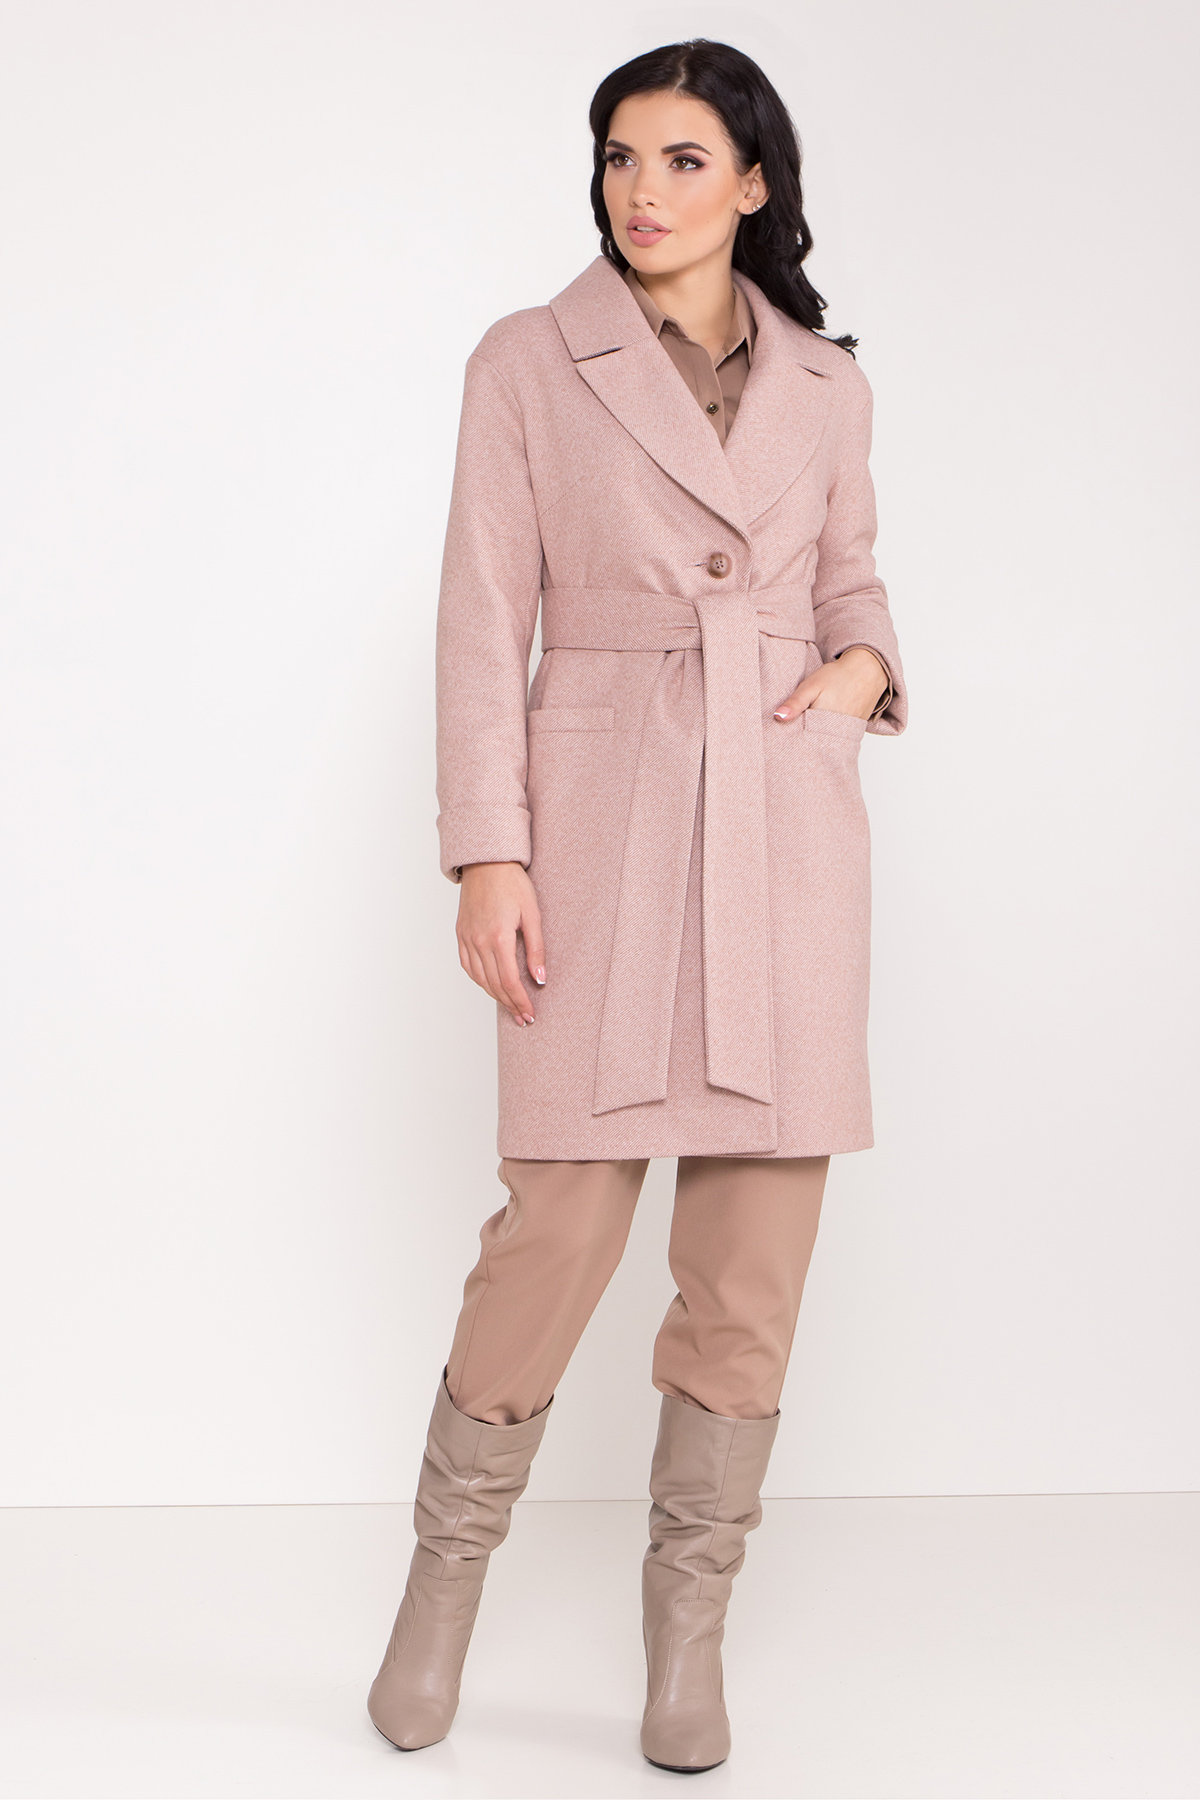 Зимнее утепленное пальто диагональ Вива 8243 АРТ. 44280 Цвет: Бежевый - фото 10, интернет магазин tm-modus.ru